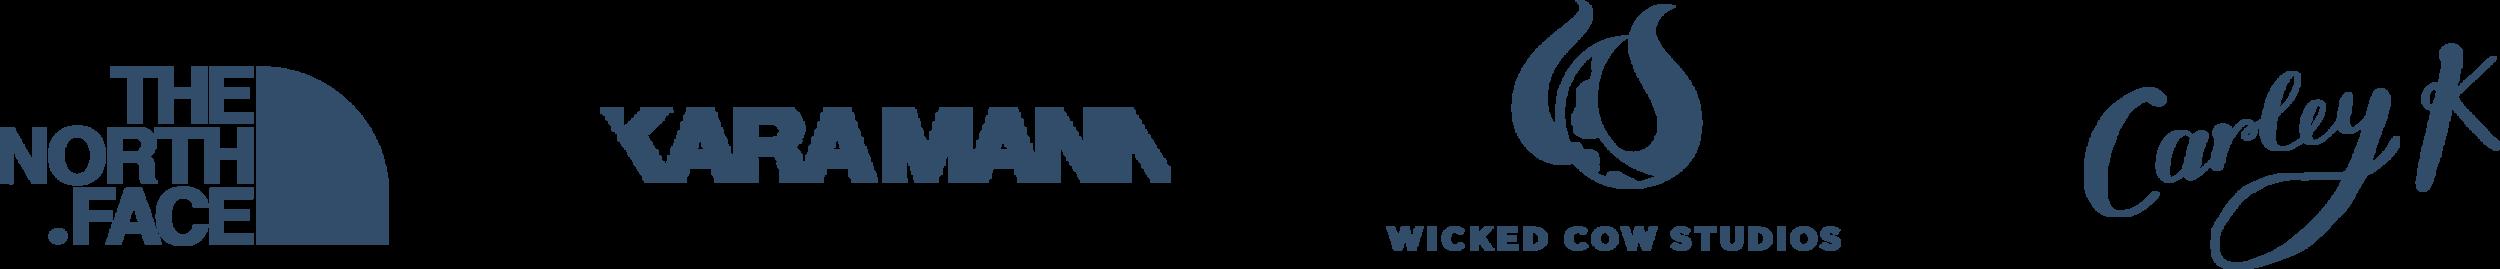 Client-Logo-AssetClient-Logos-1.png